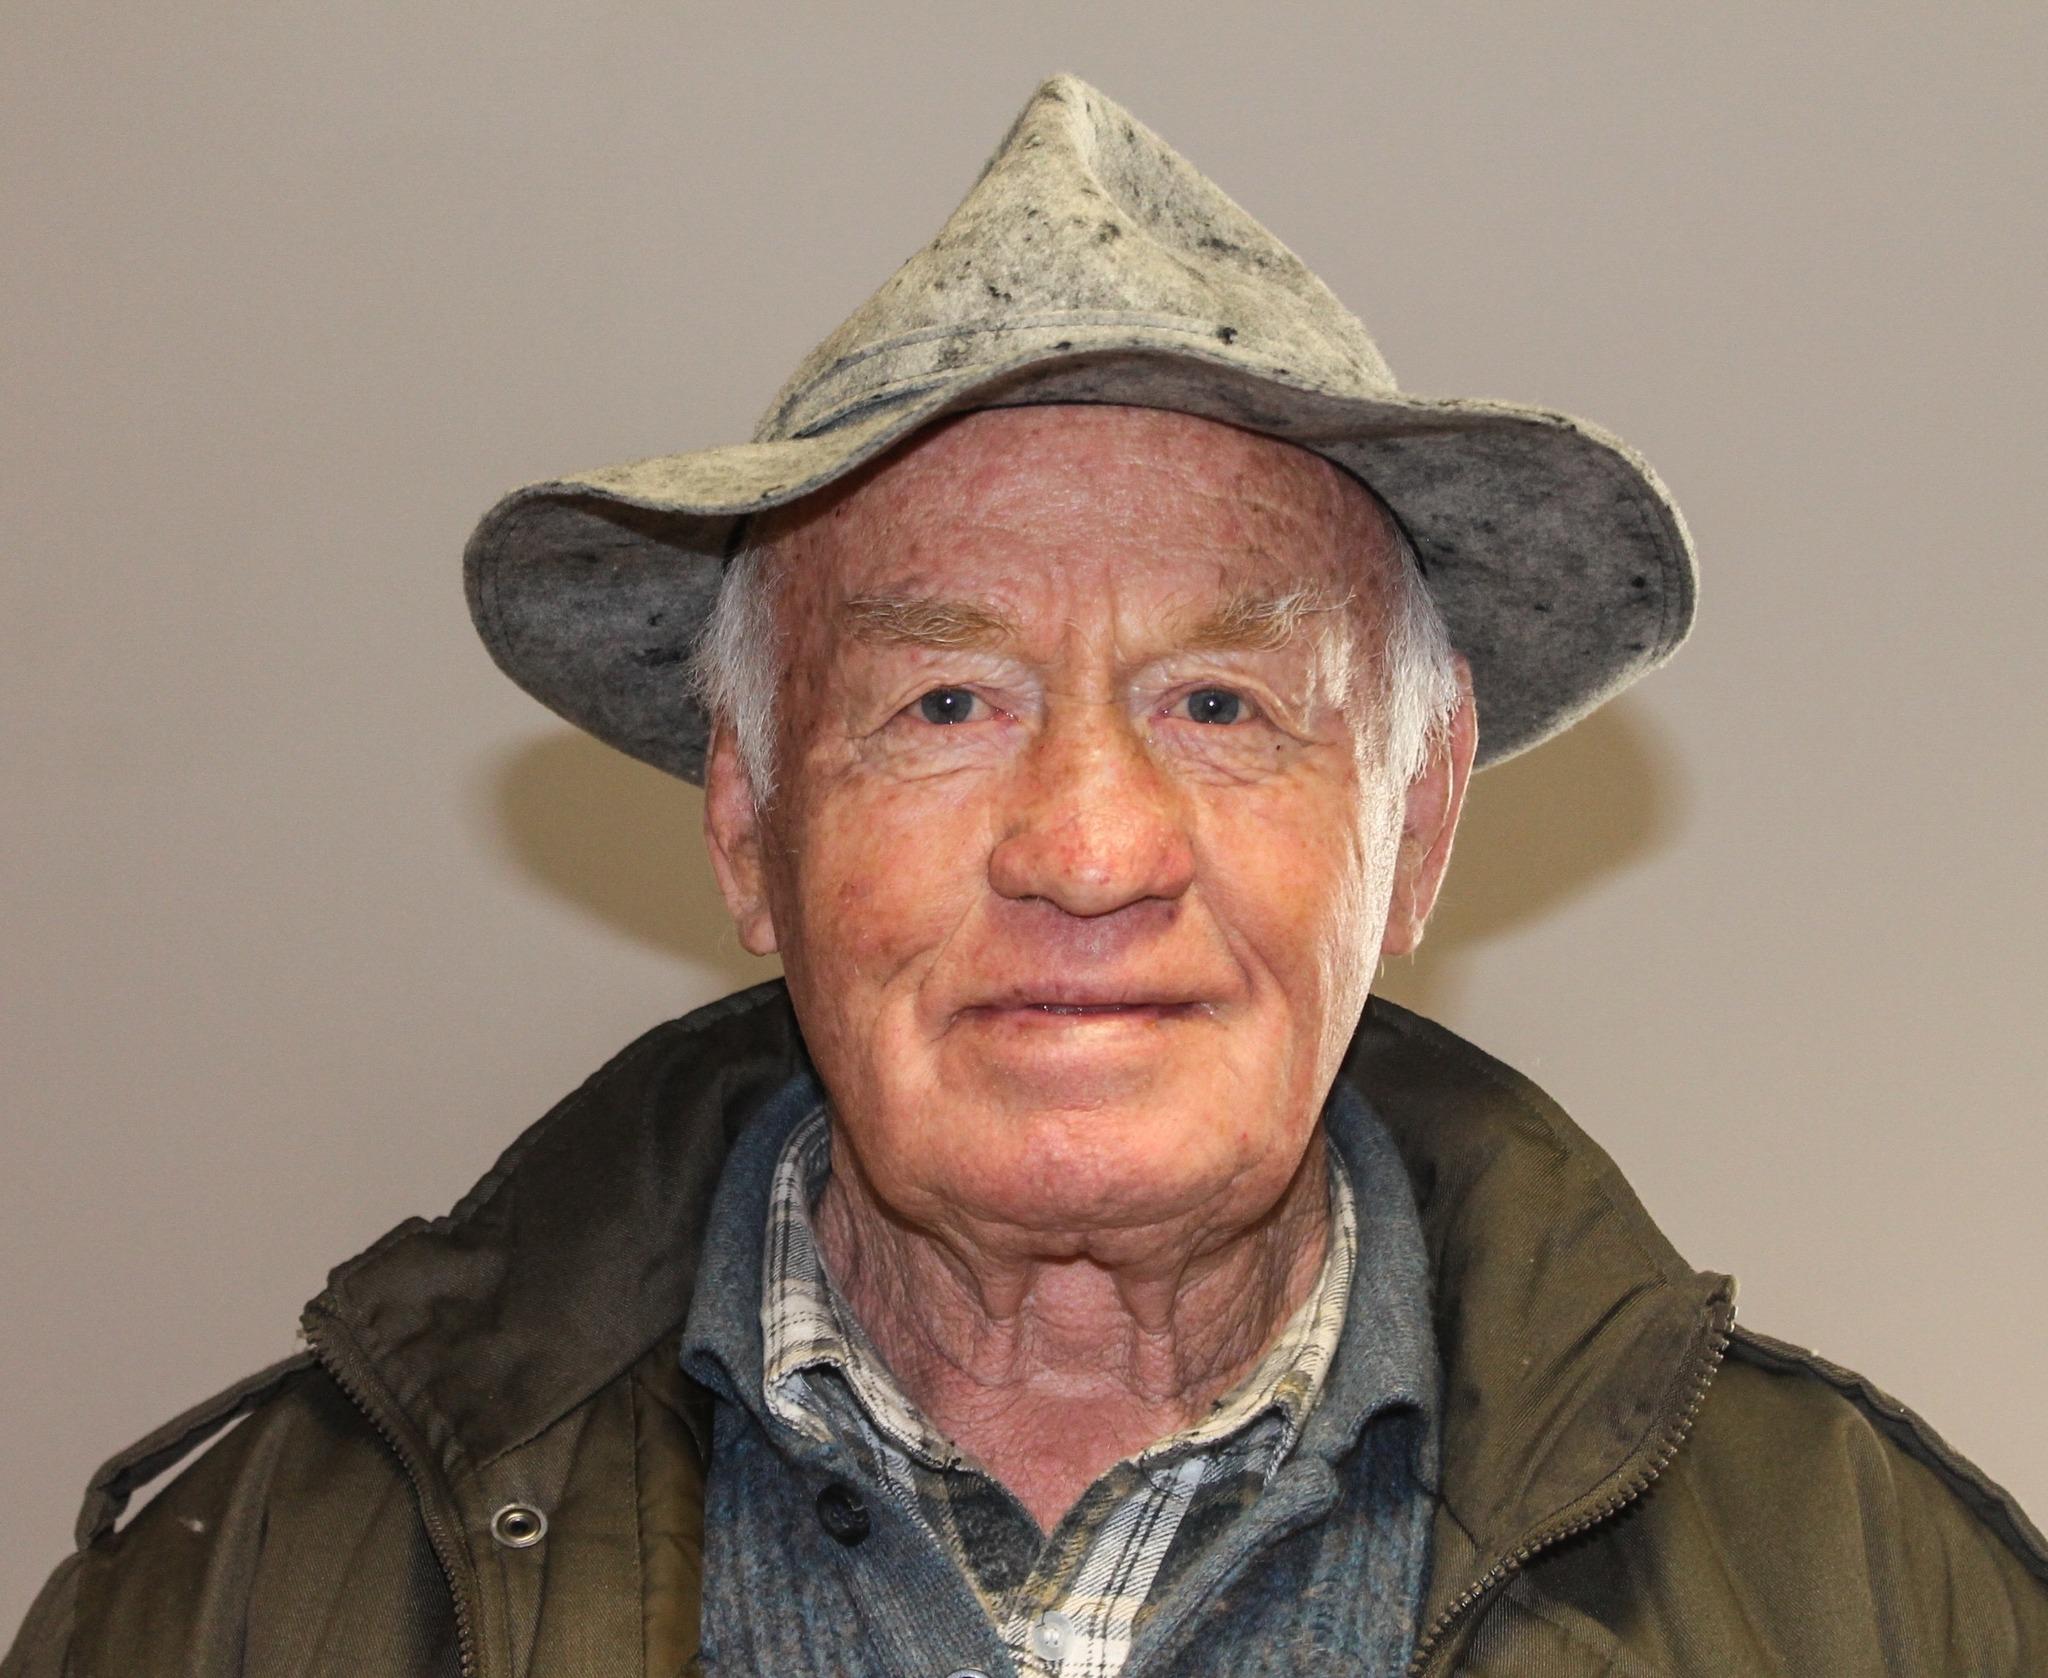 Der Villacher Imker Kurt Scholin richtet eine Bitte an die Villacher